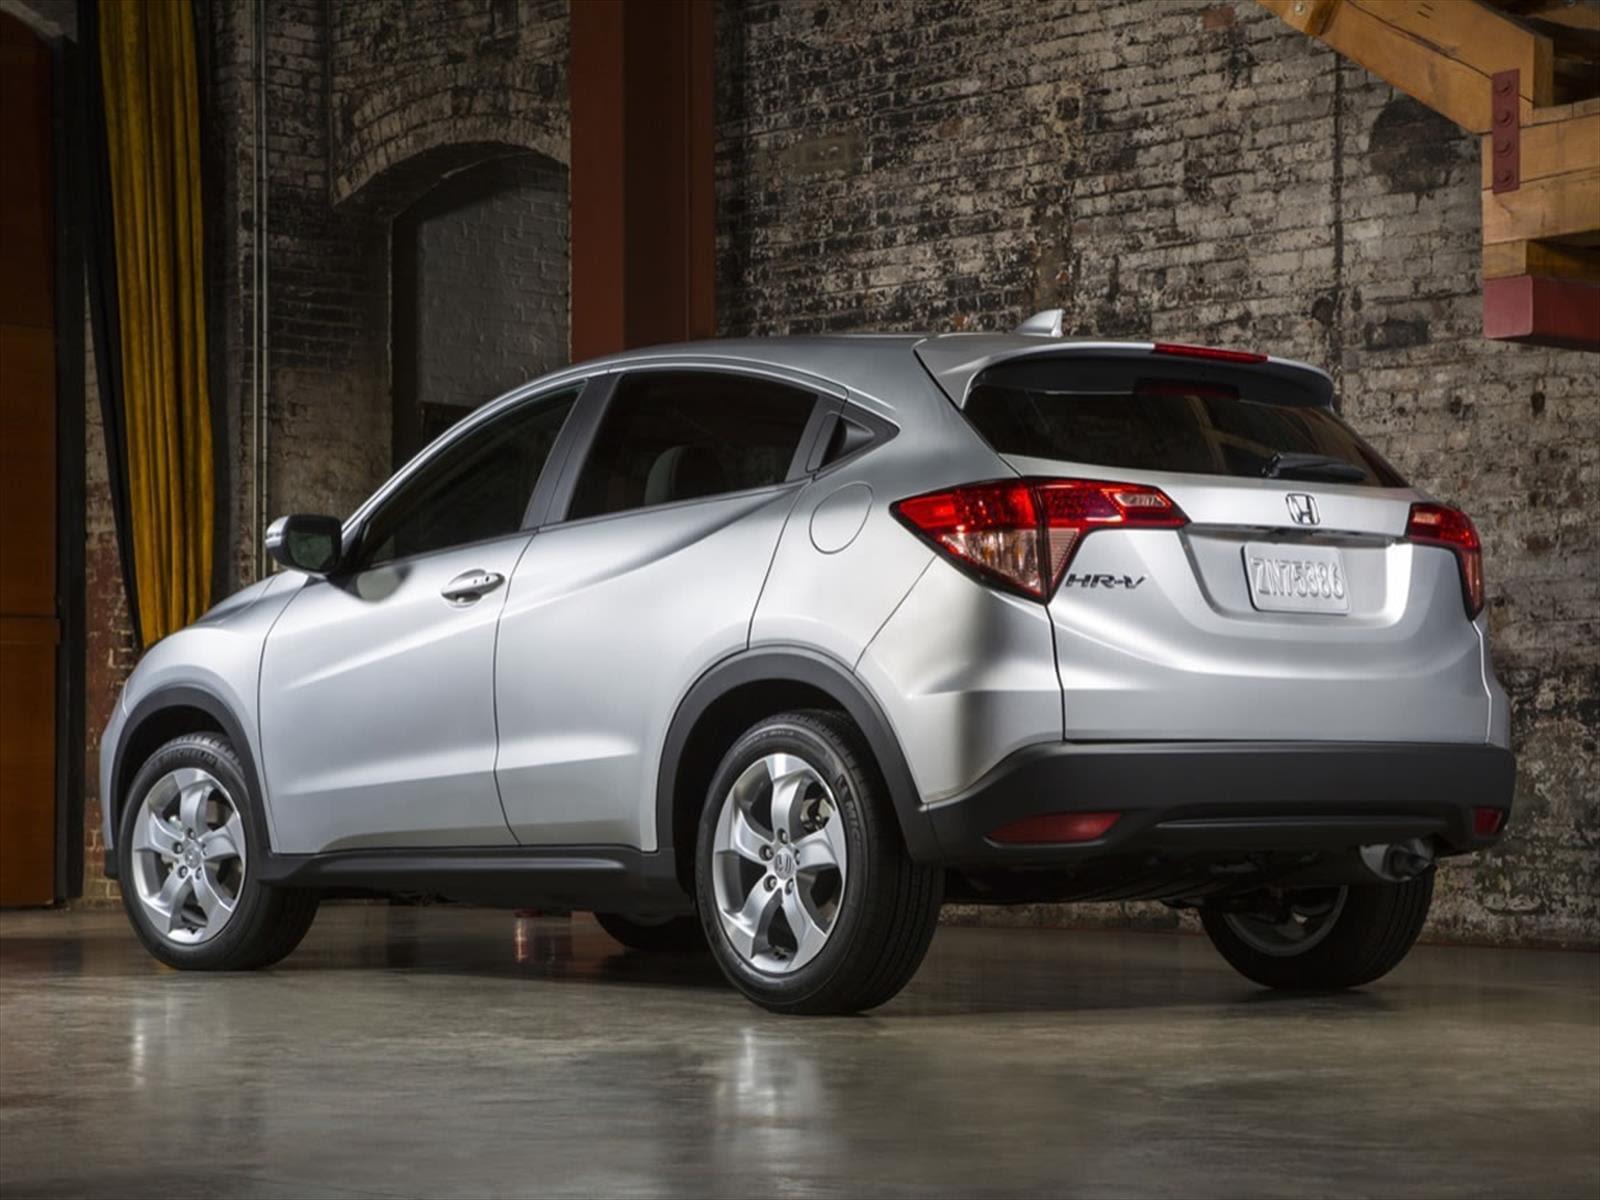 Honda HRV 2016 ofrece un consumo de 14.88 Km/l  Autocosmos.com